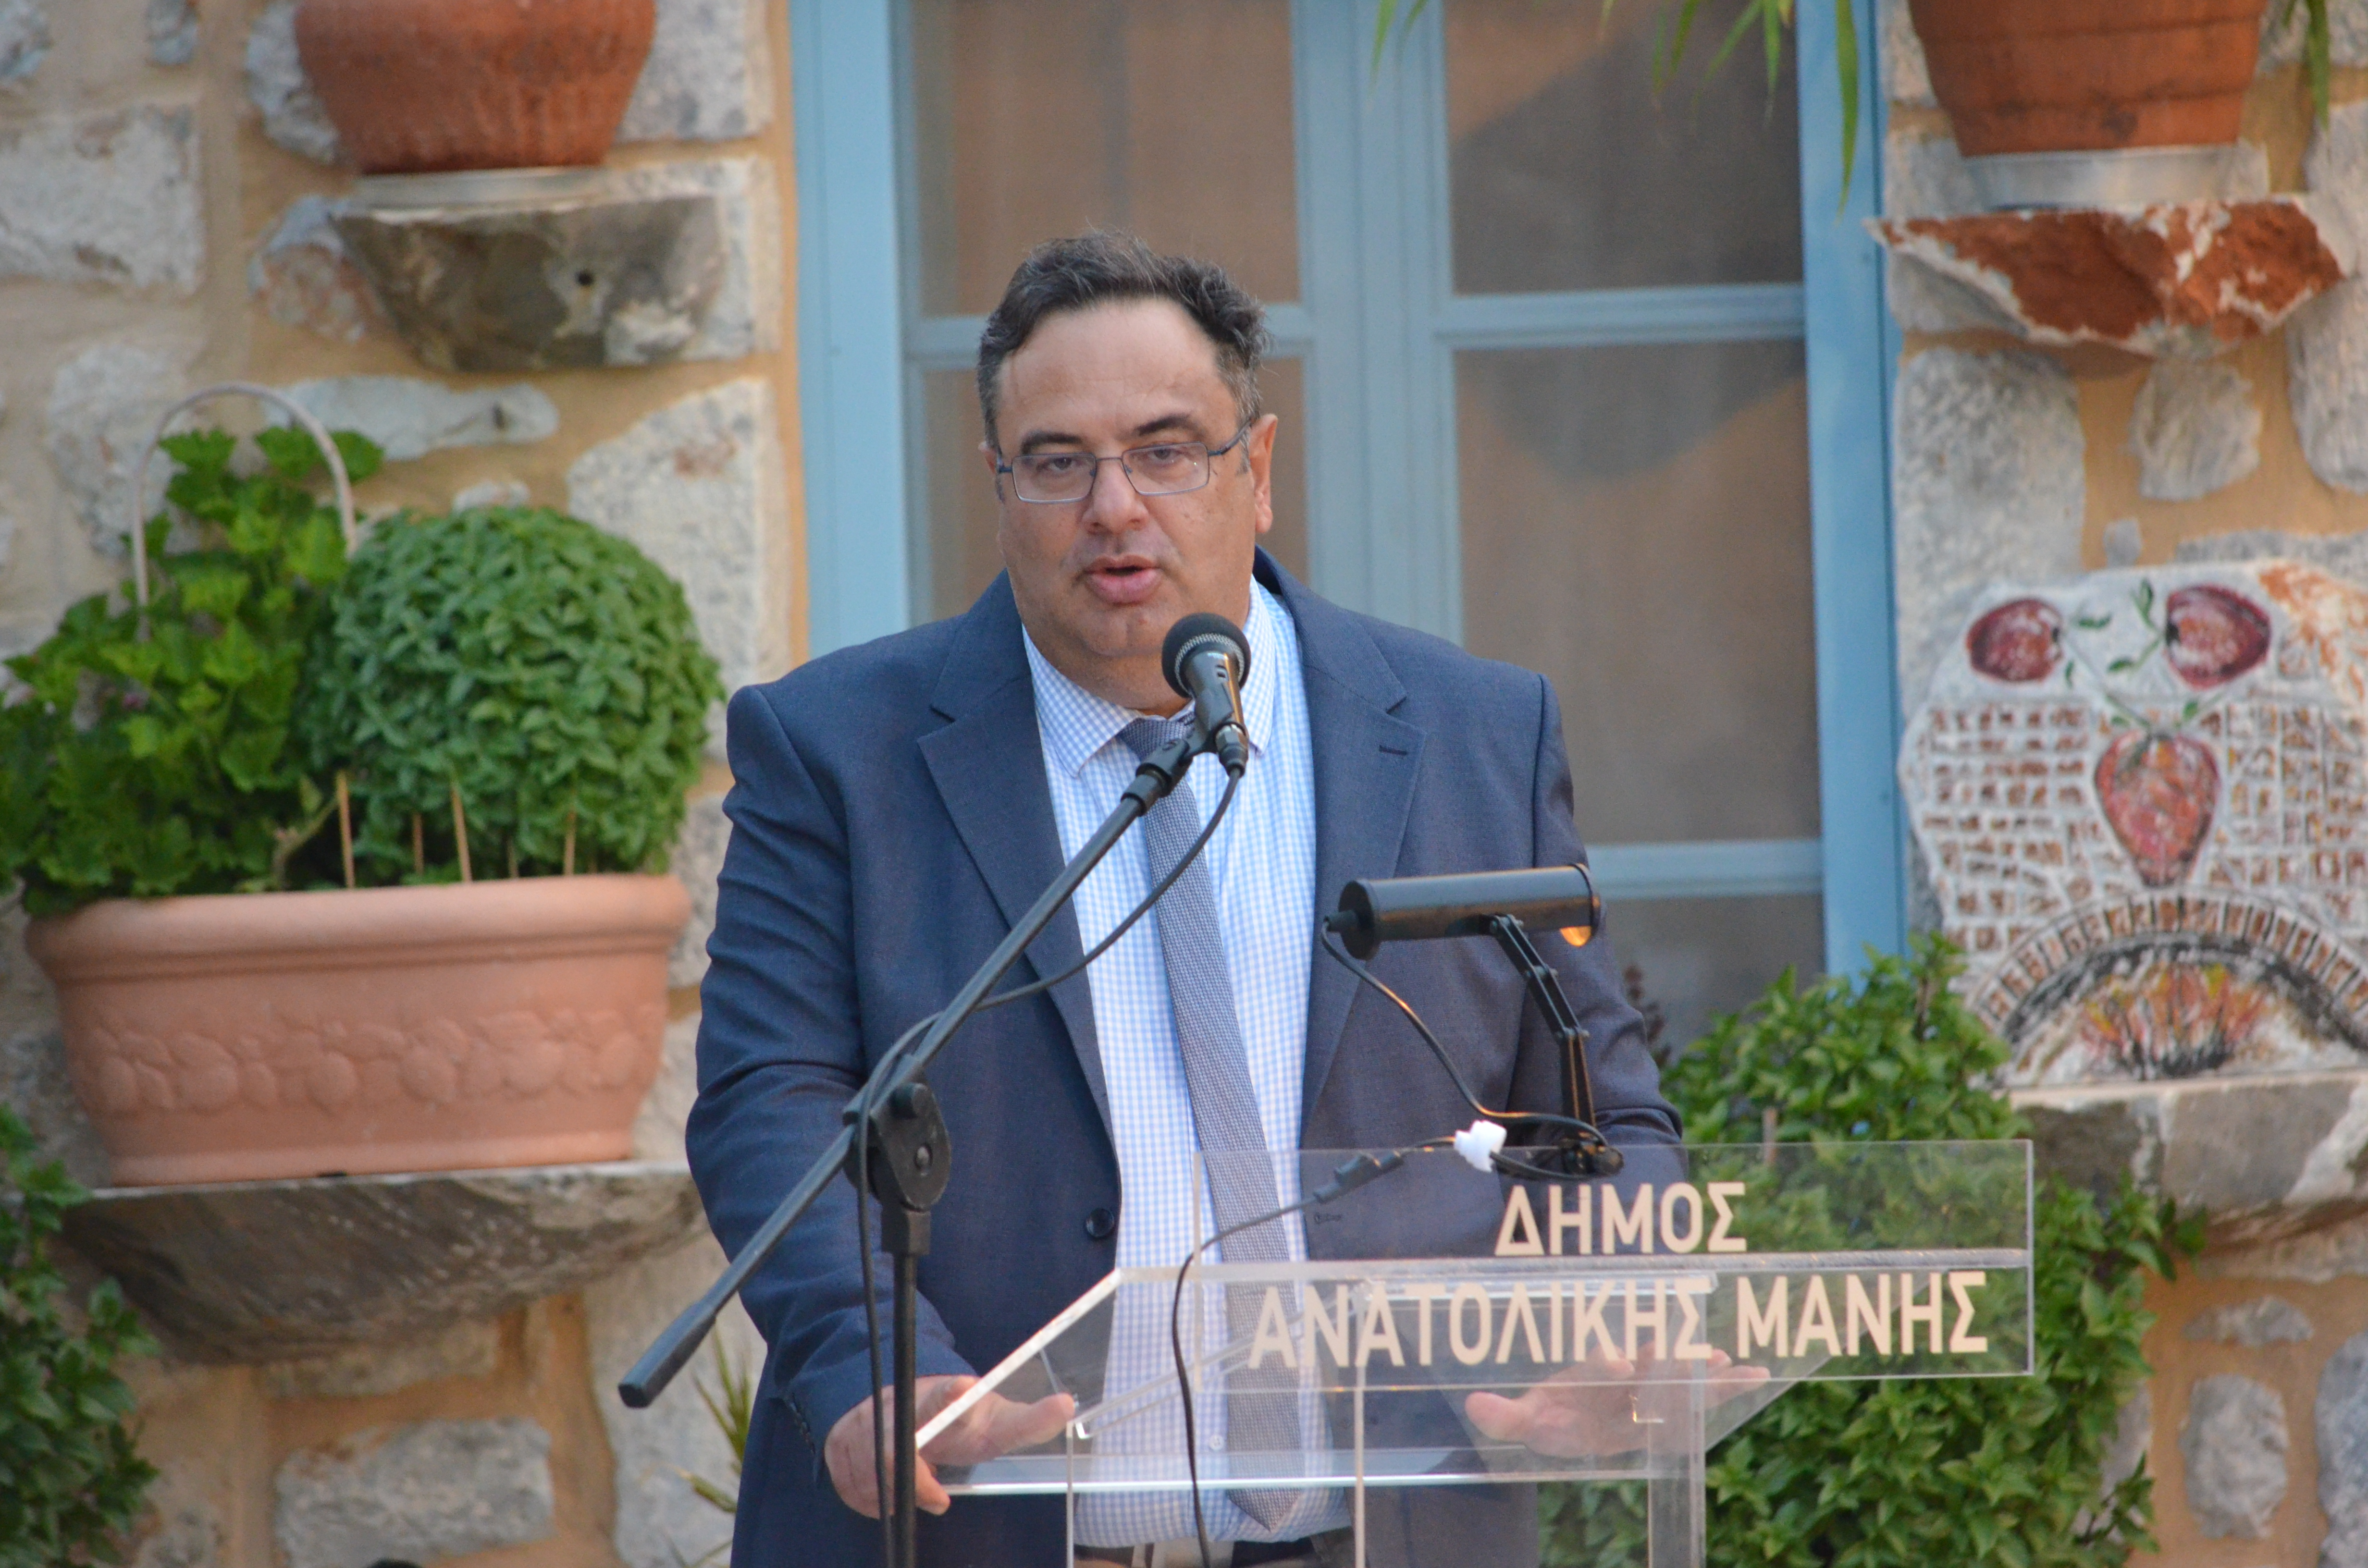 ο Αντιεισαγγελέας Εφετών, εθνικό μέλος της Ελλάδας στη Eurojust και εκπρόσωπος της Ευρώπης στο ΔΣ της Διεθνούς Ένωσης Εισαγγελέων, κ. Πάρης Αδάμης